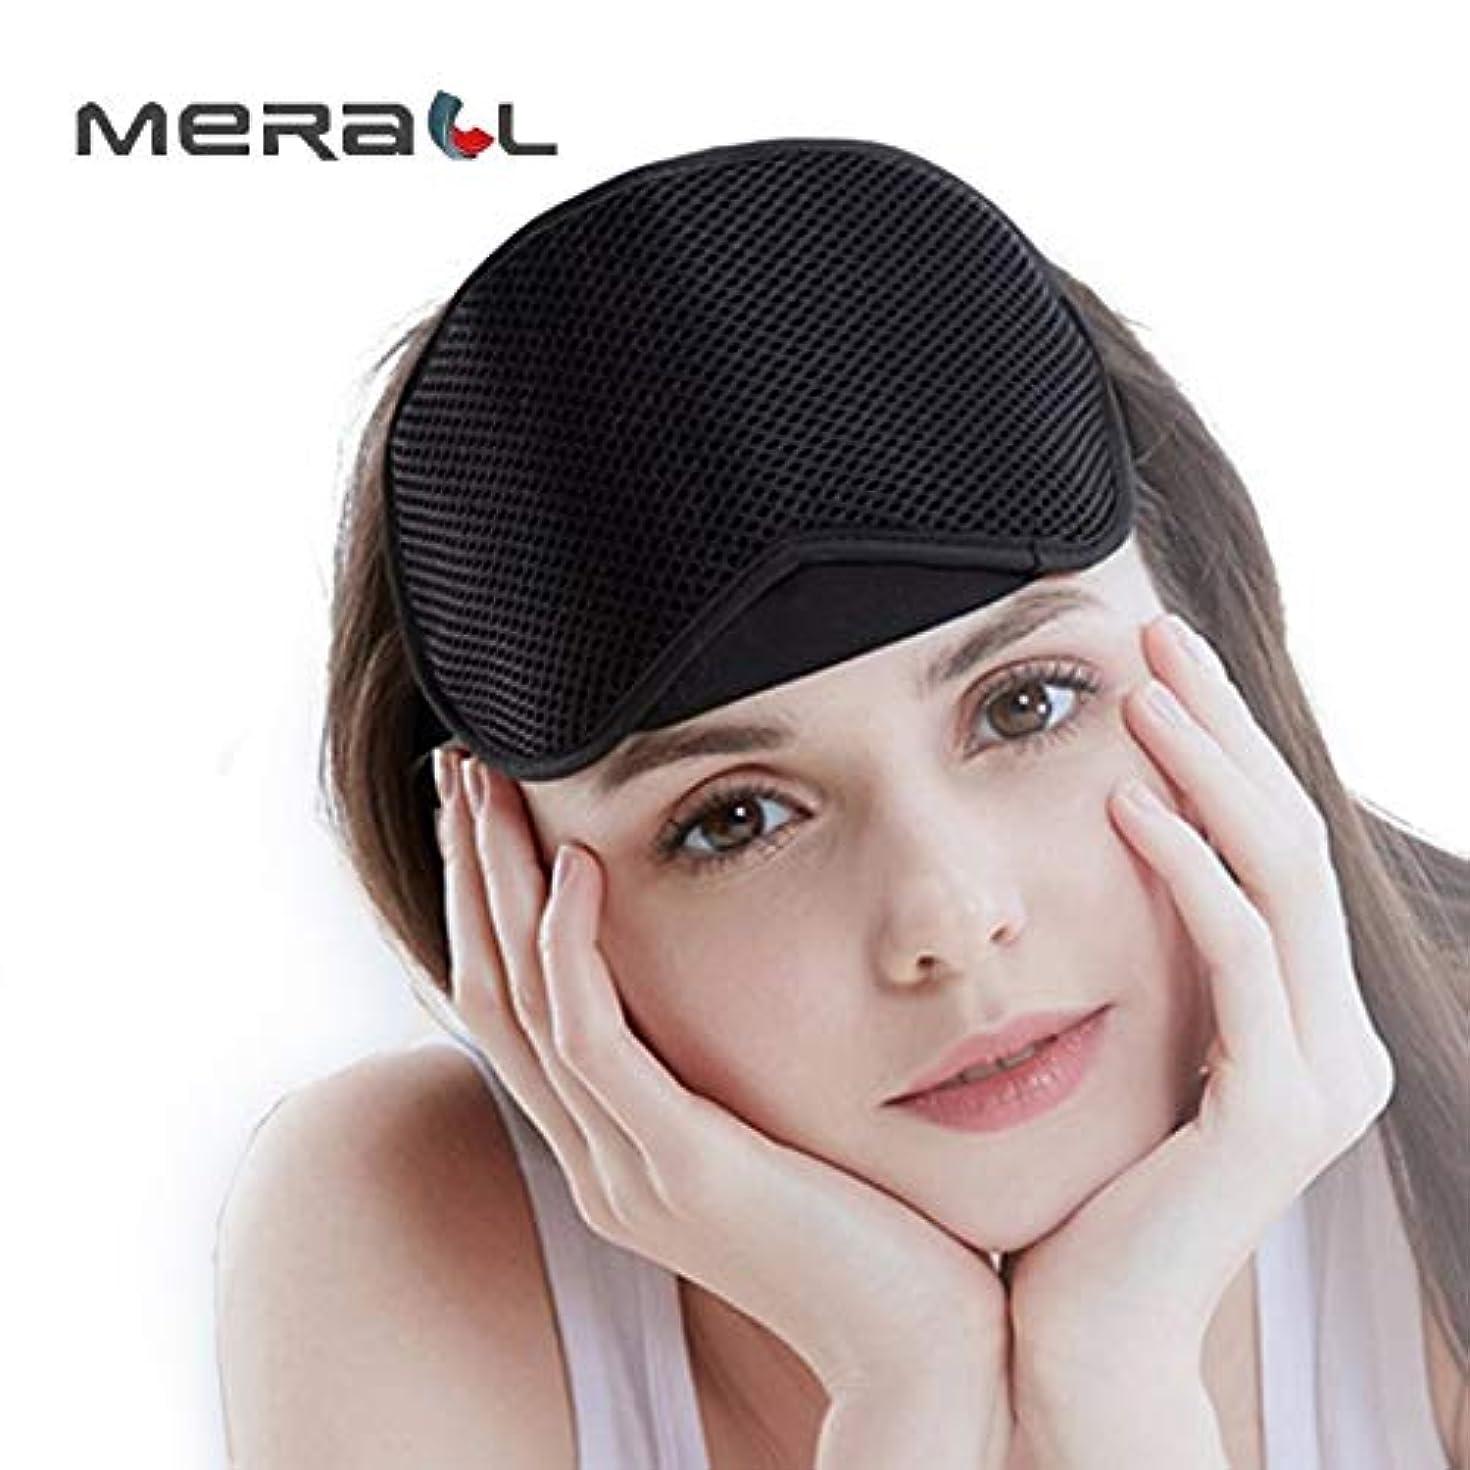 識別電気の労働者注ドロップシッピング竹炭目睡眠用目の上のマスク包帯旅行休憩目隠しアイパッチ通気性調節可能